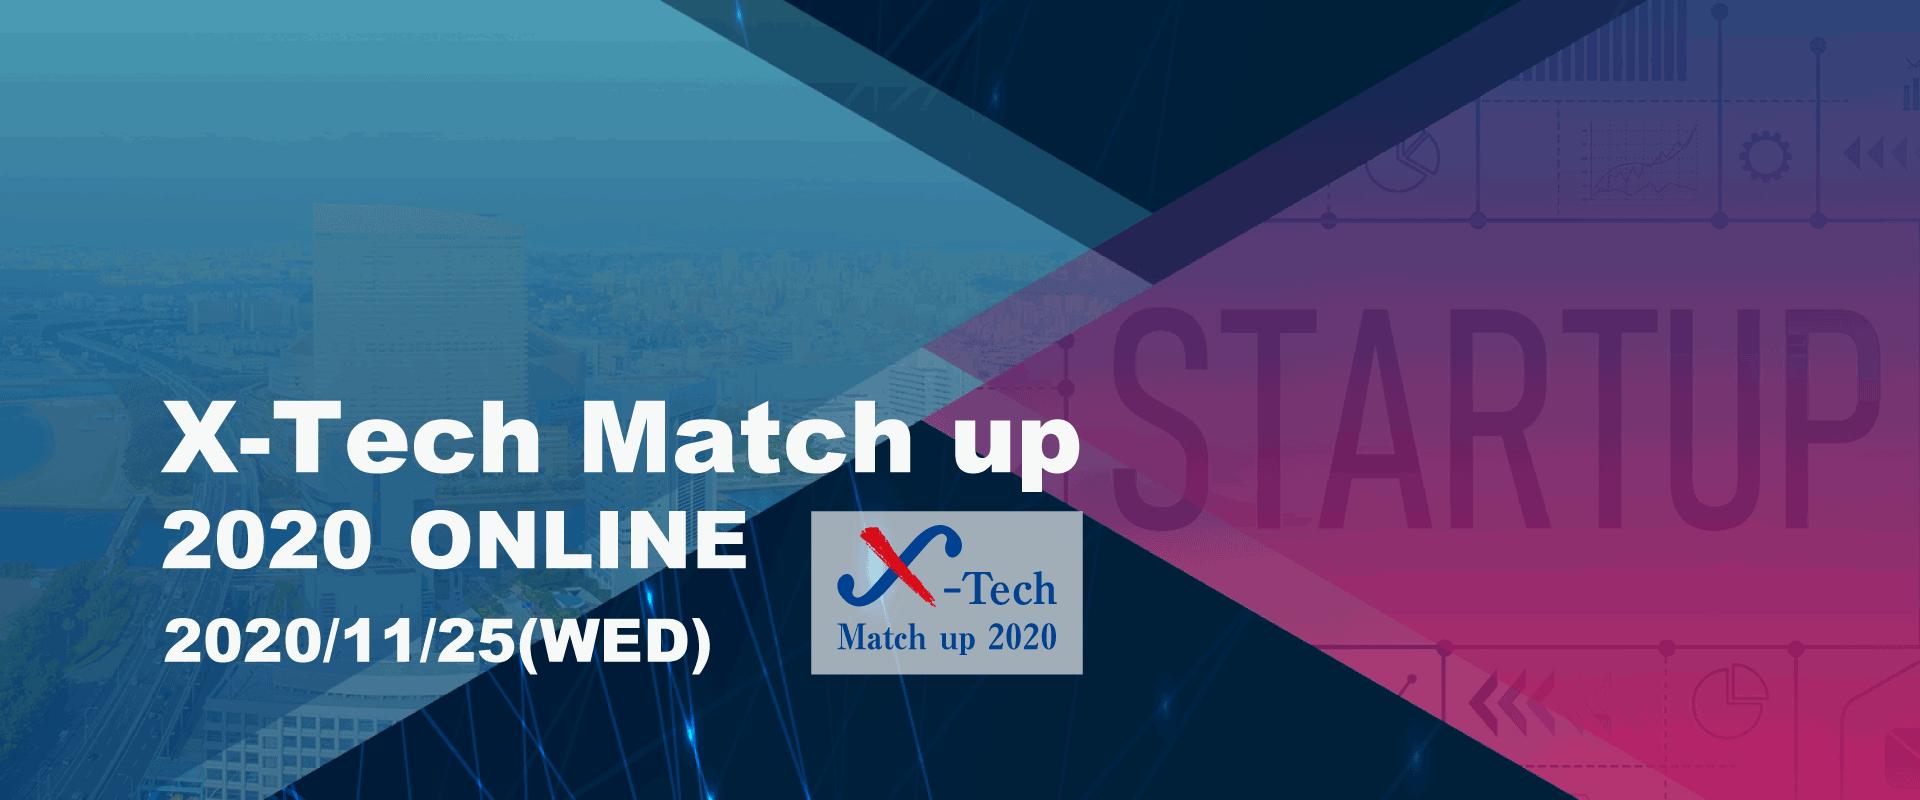 X-Tech Match up 2020